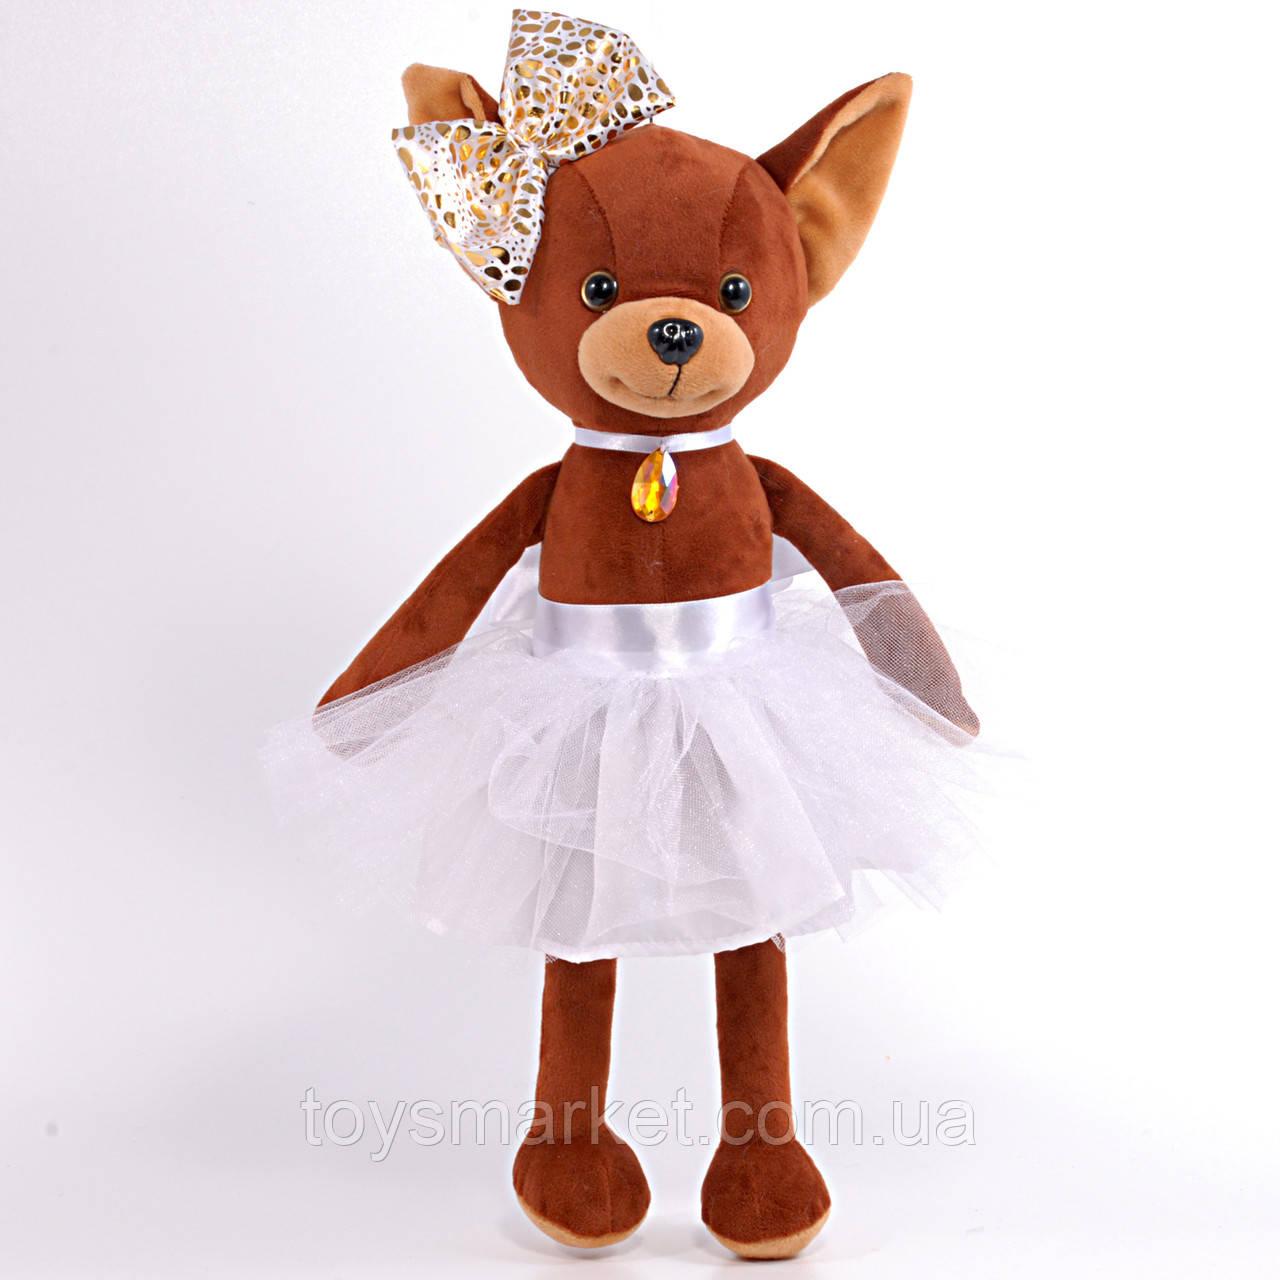 Детская мягкая игрушка Orange Lucky Yoyo, Джулия